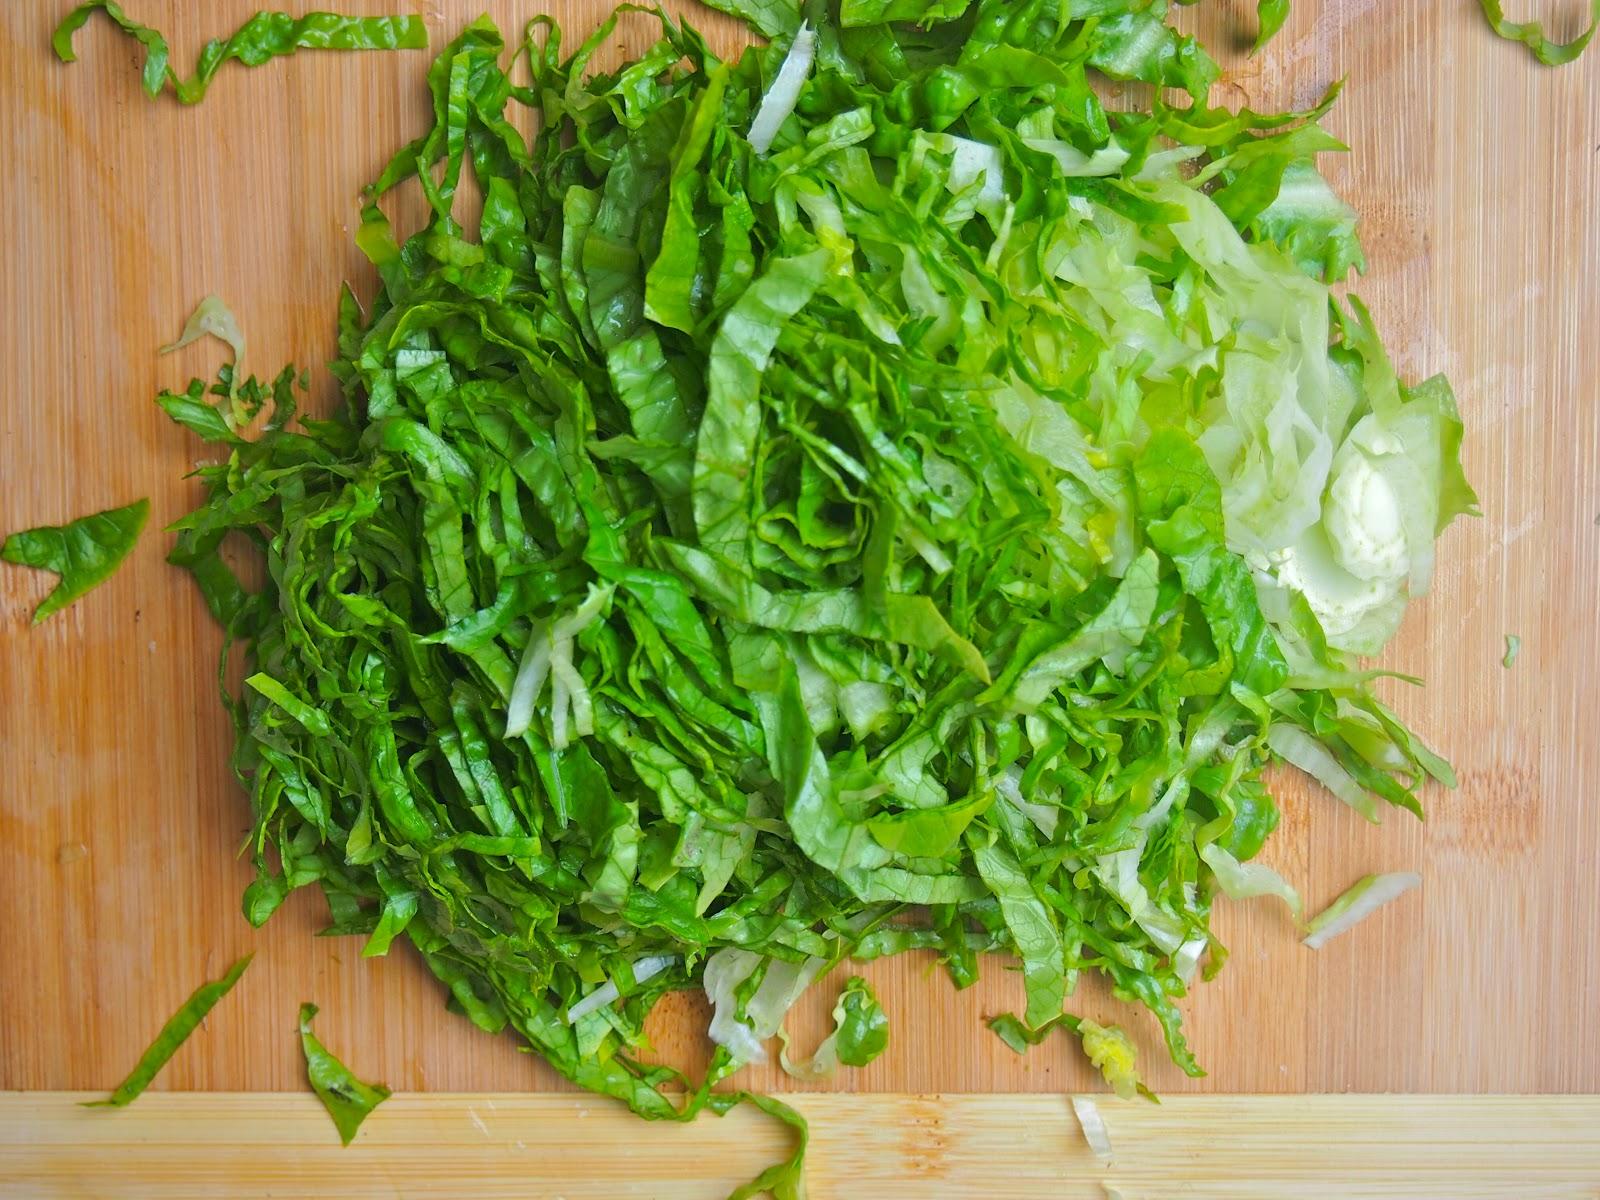 Related Keywords & Suggestions for shredded lettuce